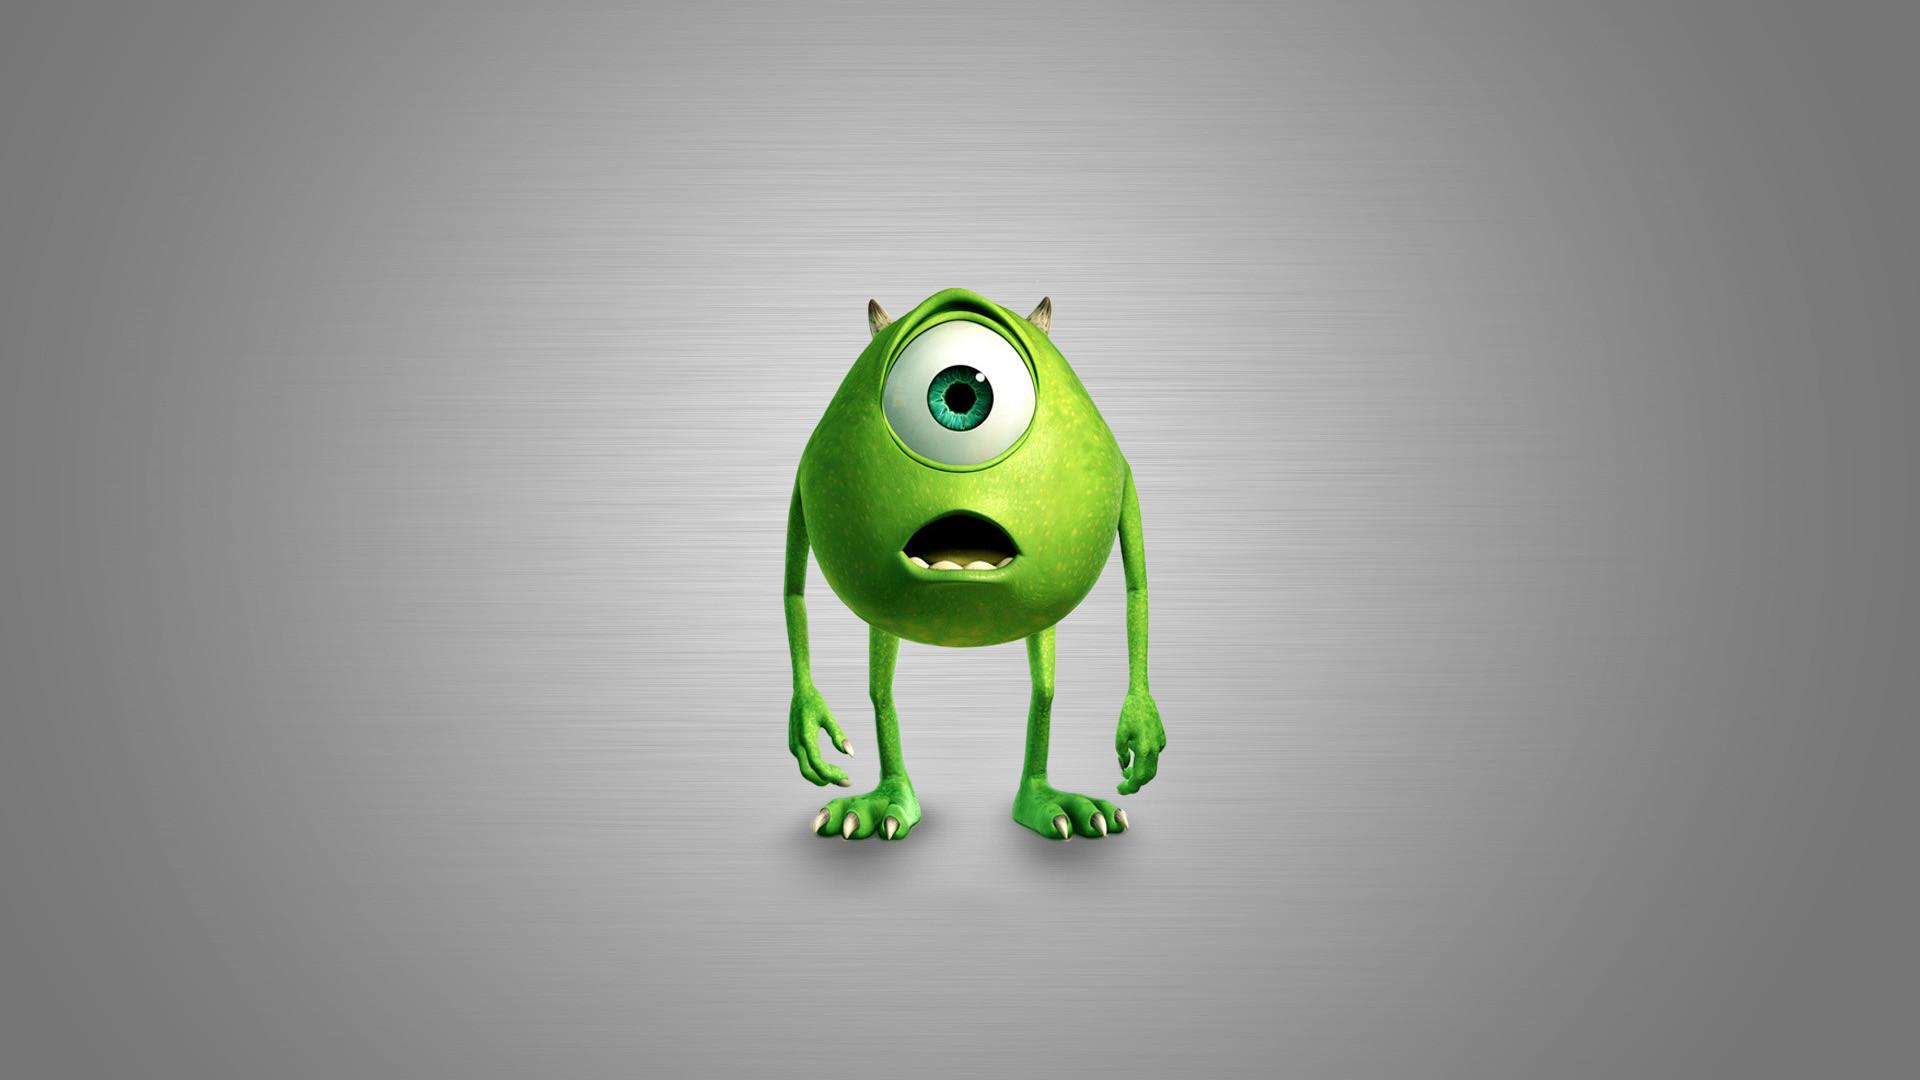 Res: 1920x1080, pixar-cute-monster-free-h